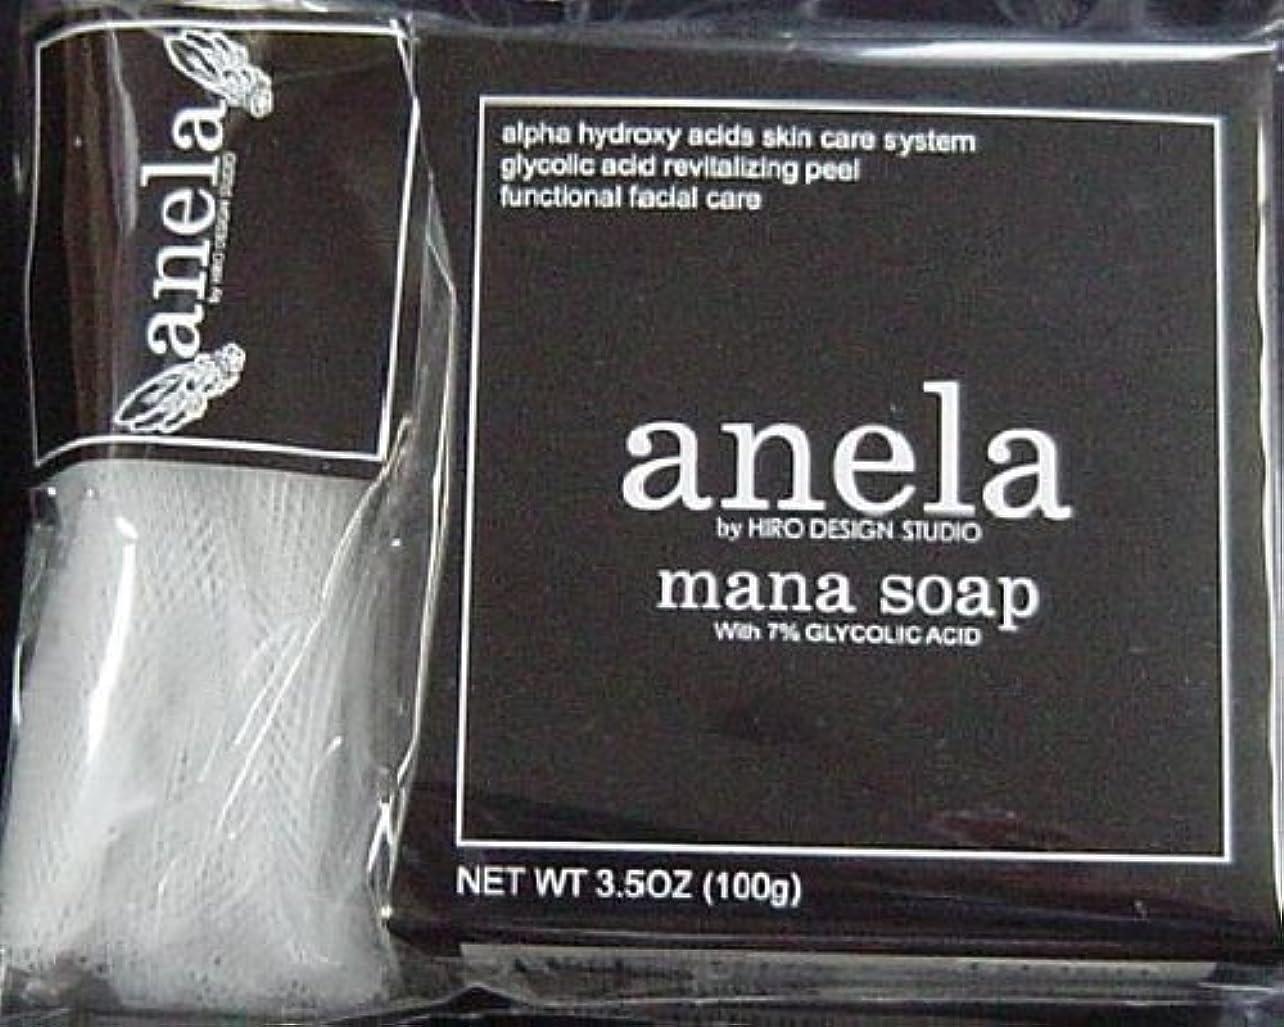 見えないスパークかけるanela アネラ マナソープ(泡立てネット付き) 100g ×3個セット